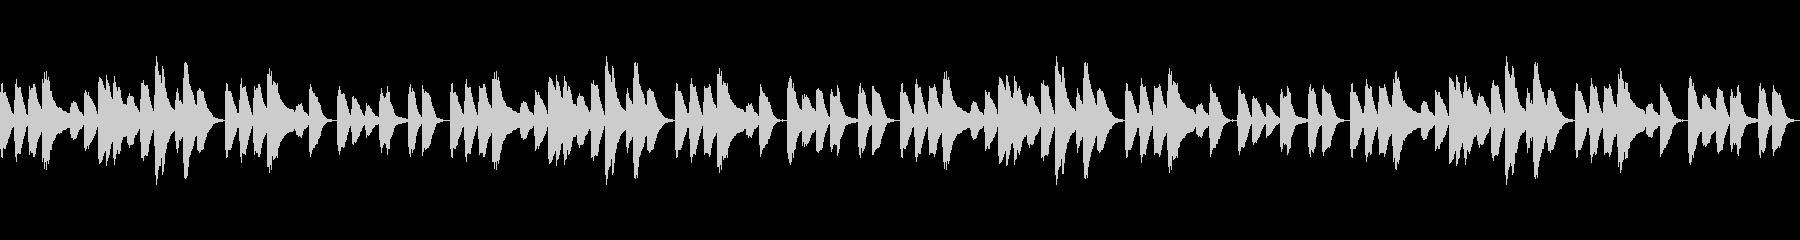 ほのぼのゆったりとしたポップなピアノの未再生の波形